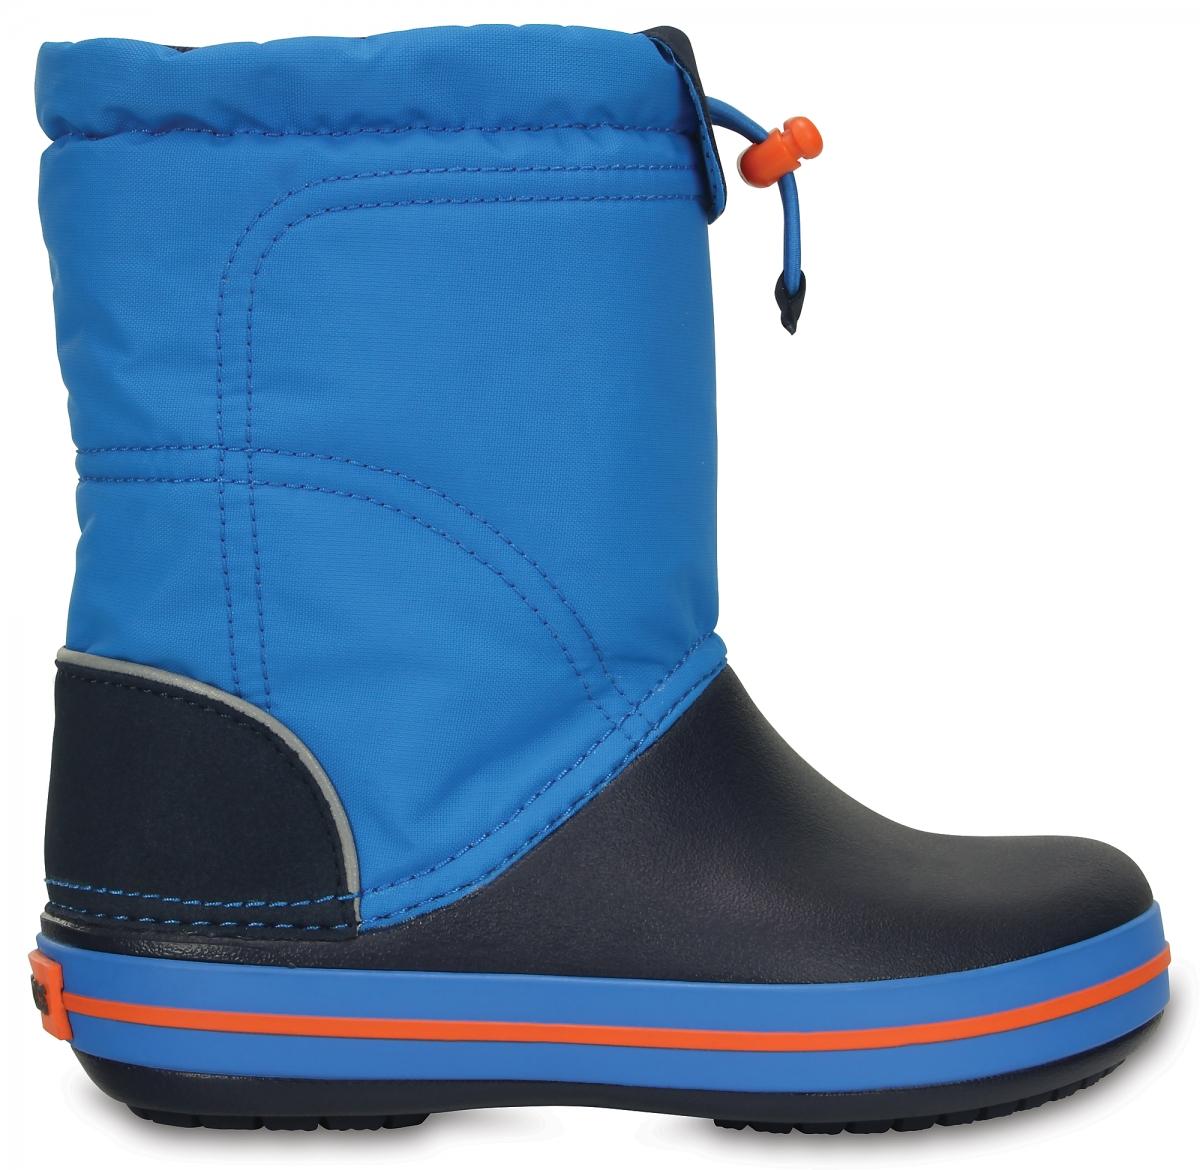 Crocs Crocband LodgePoint Boot Kids Ocean/Navy, C12 (29-30)